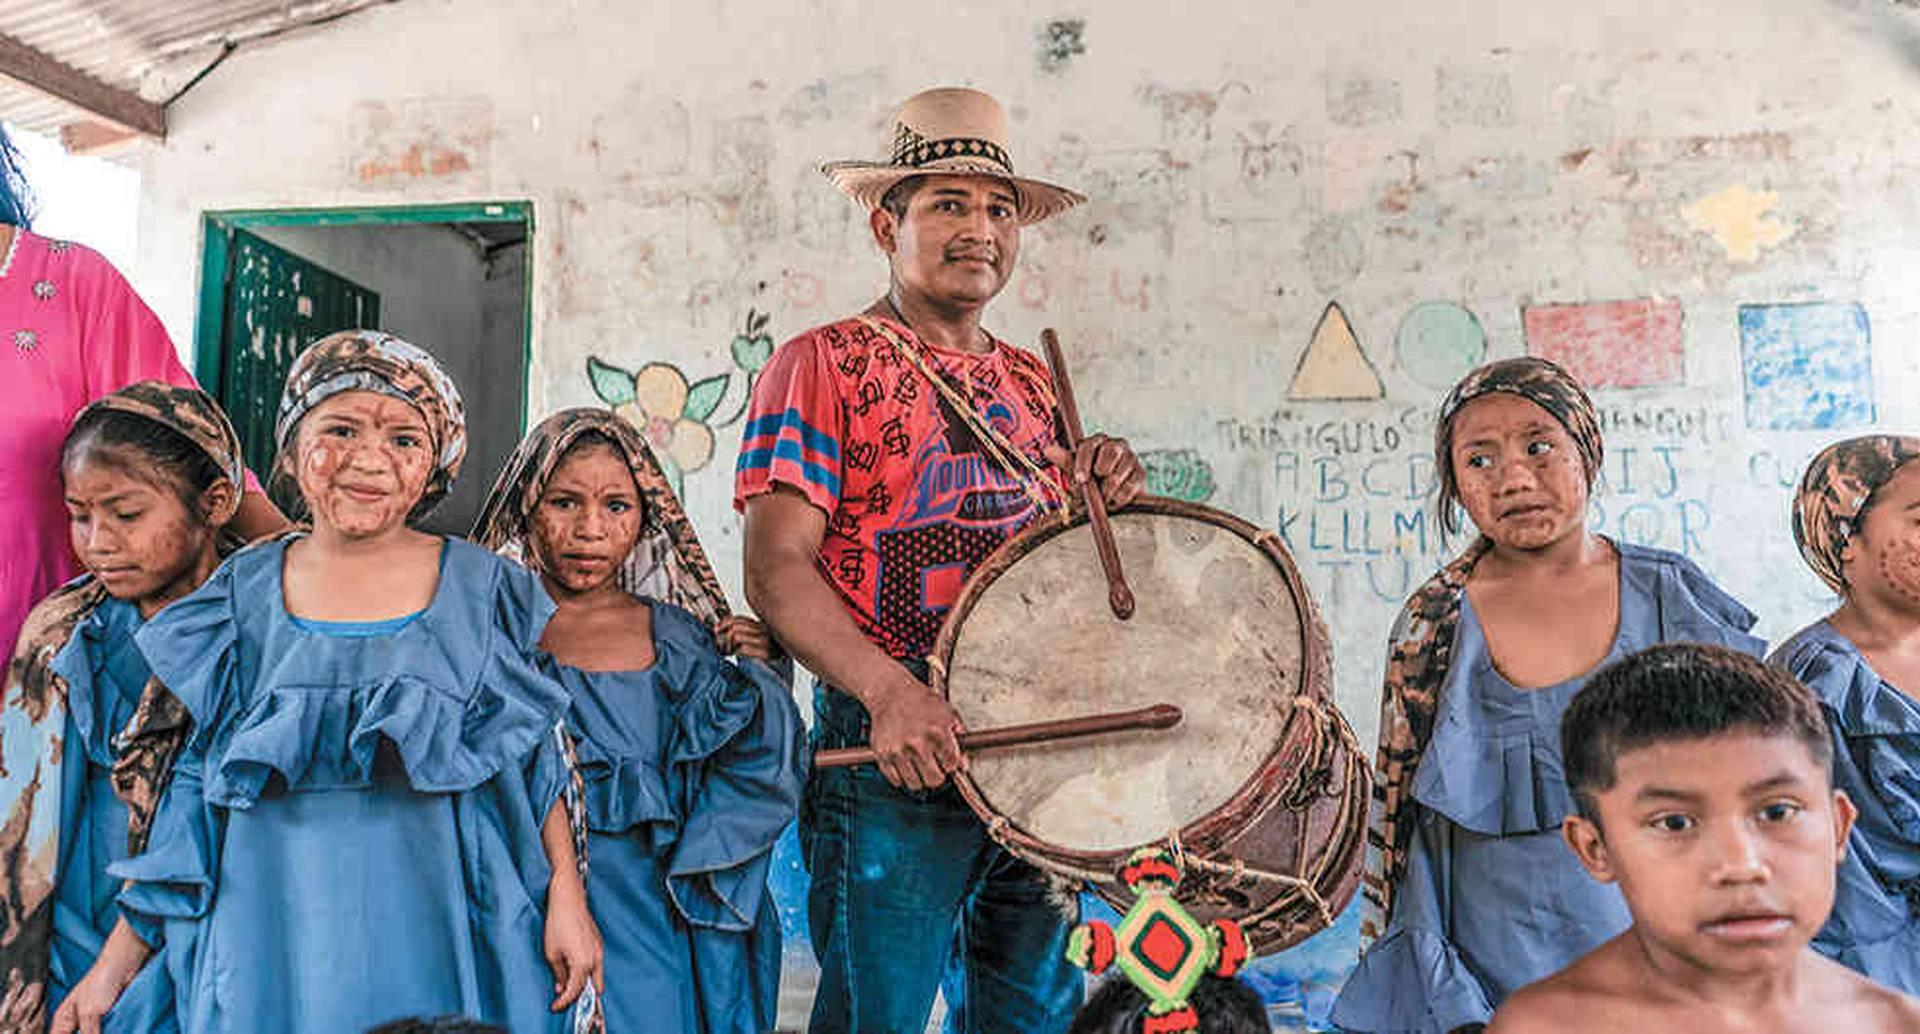 El éxito de Oxfam en La Guajira se debe principalmente a la integración cultural de sus programas.